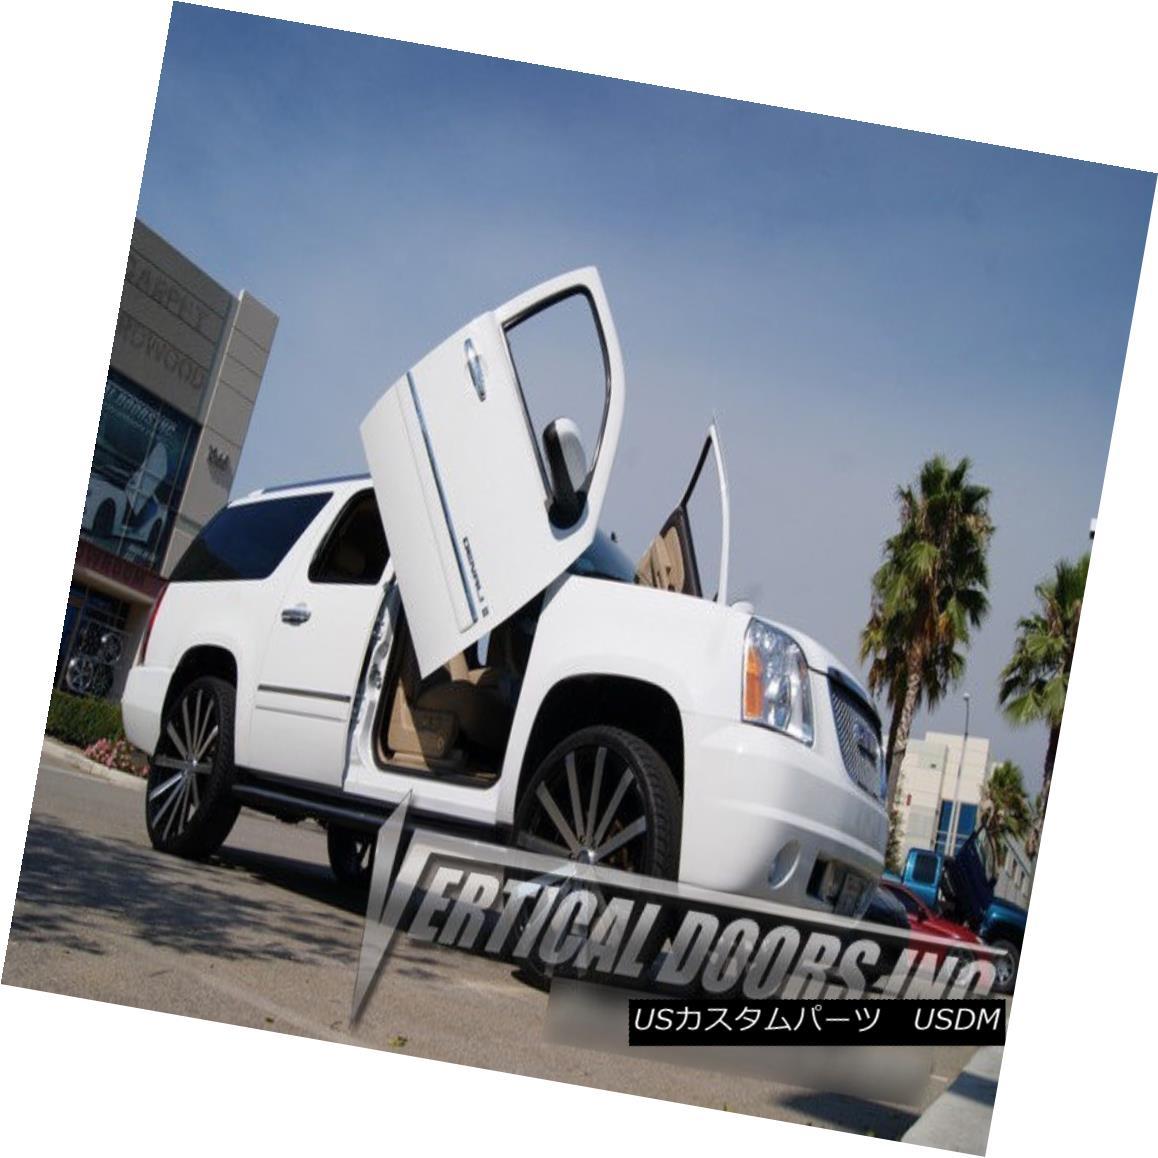 ガルウィングキット Gmc Denali 07-up Lambo Door Kit Vertical Doors Inc New Gmc Denali 07-Up Lamboドアキット垂直ドアInc